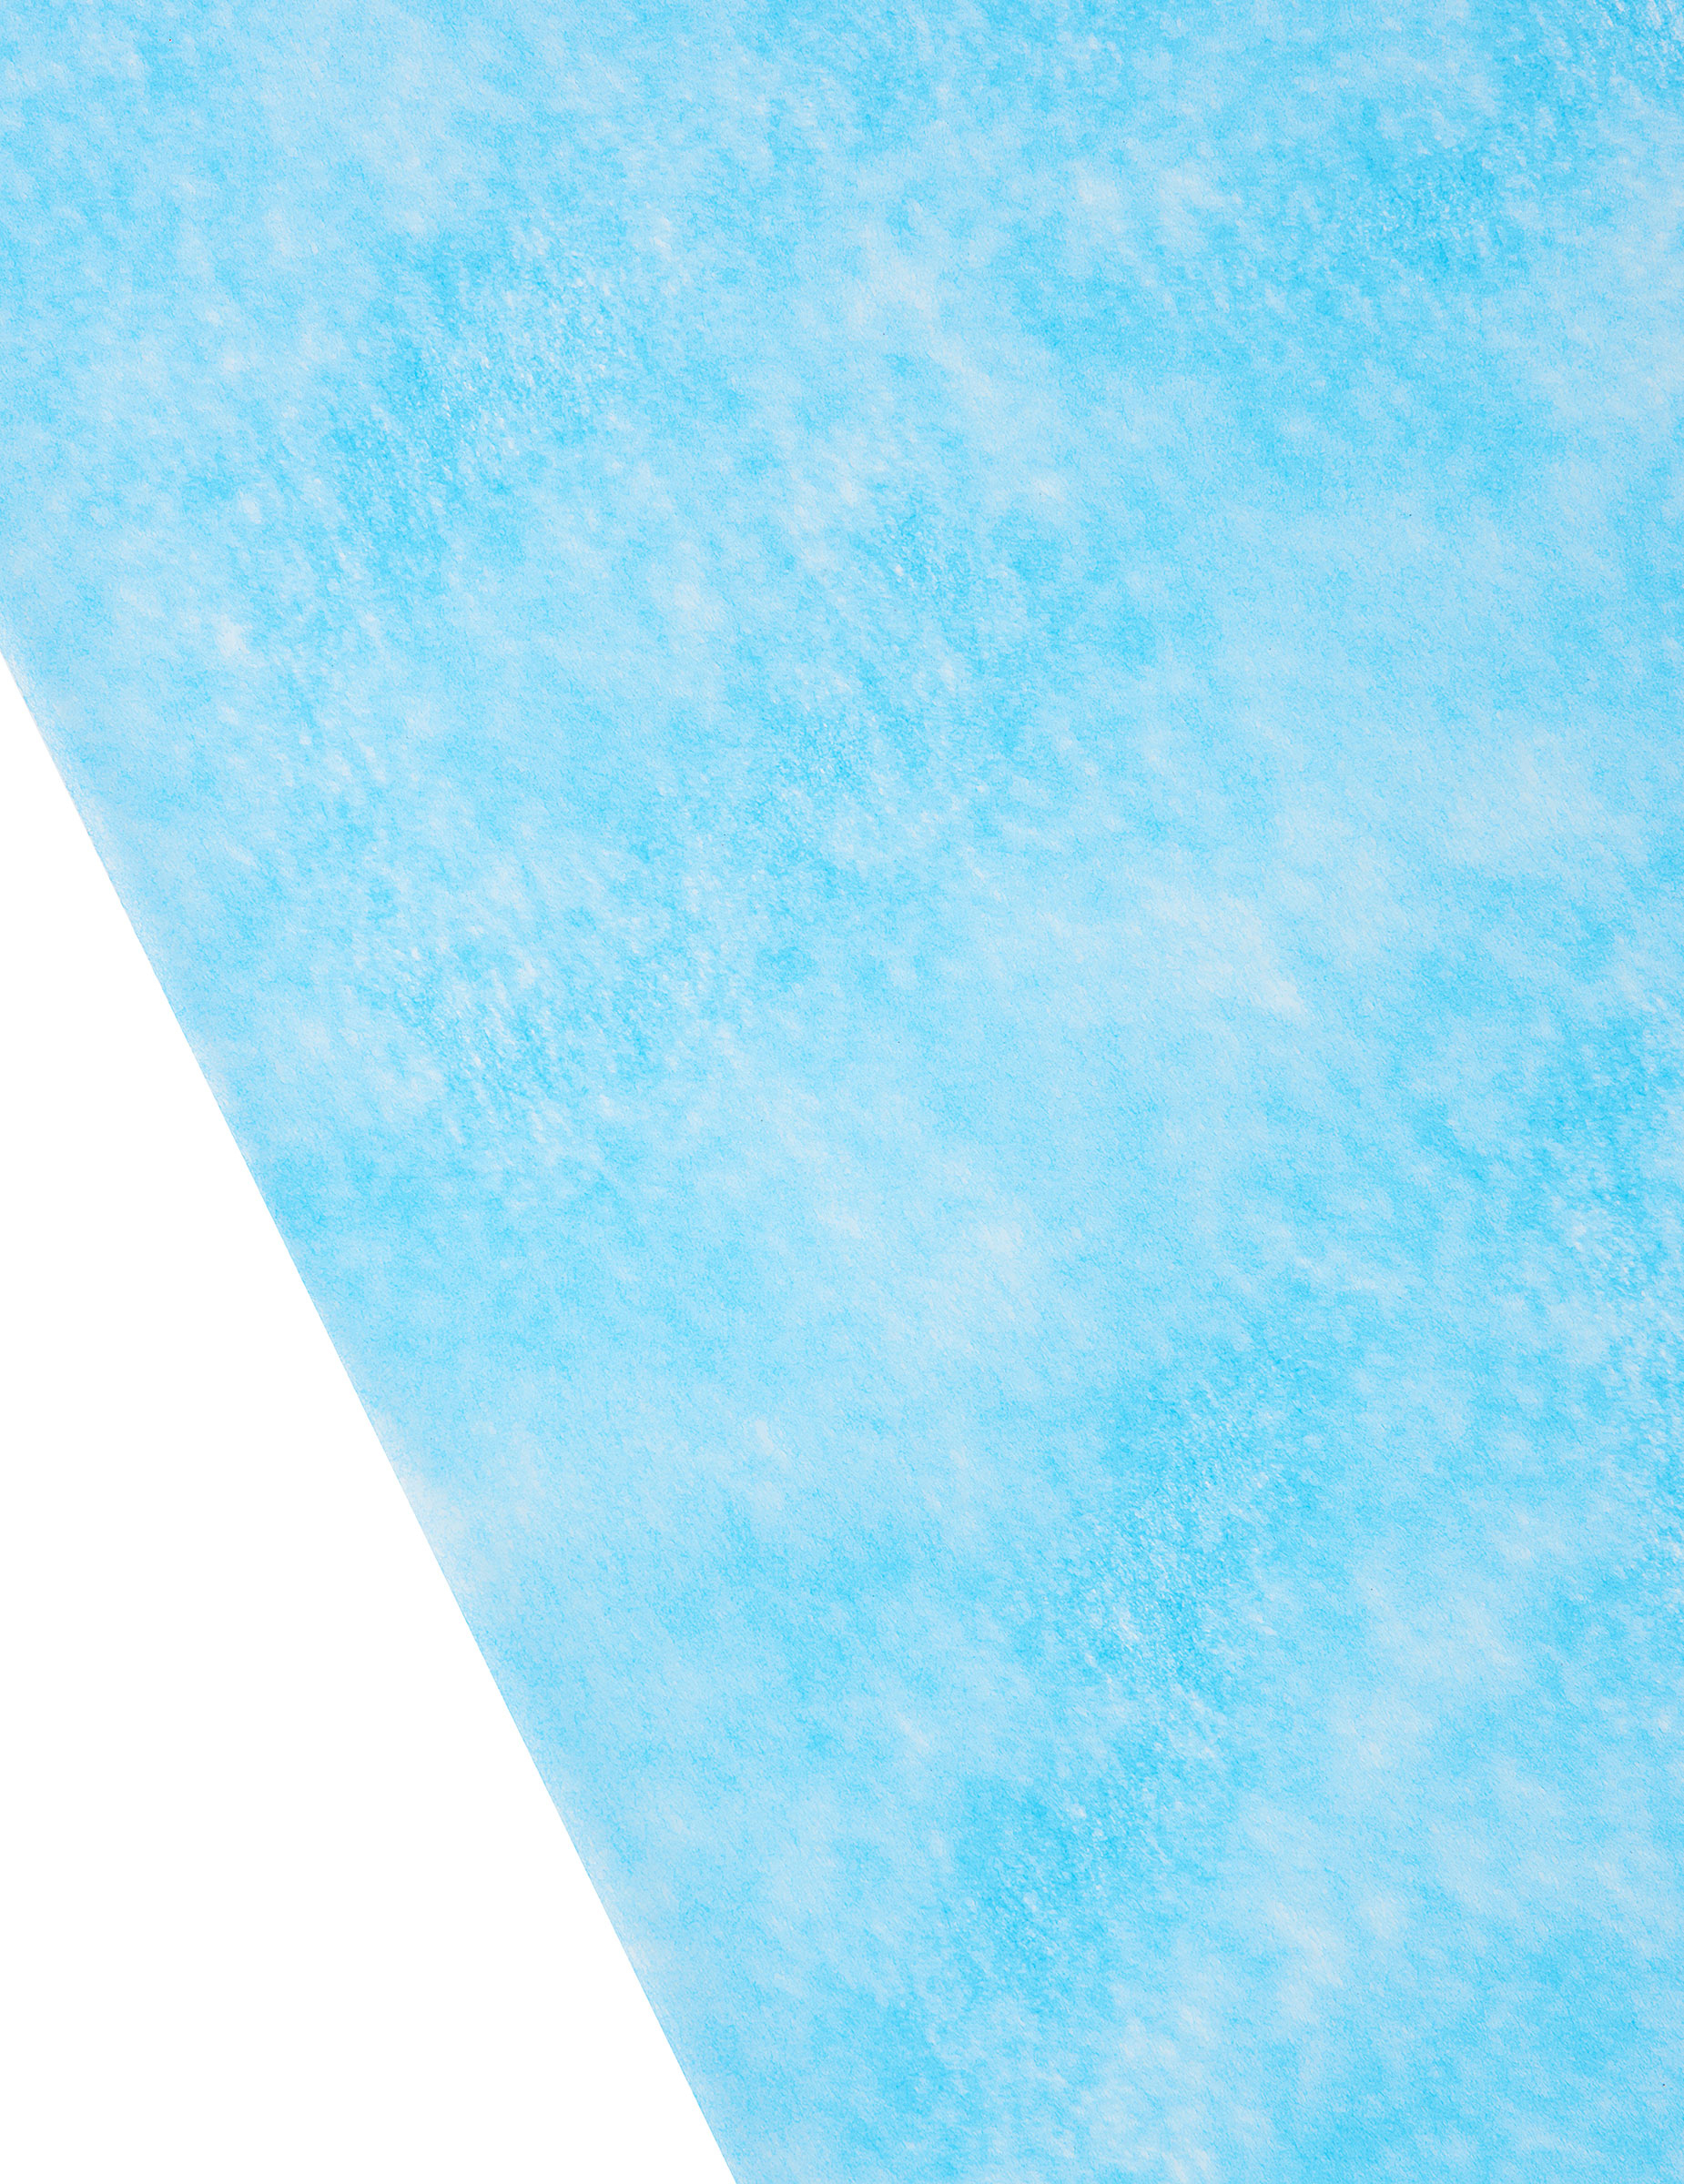 Chemin De Table Intissé Bleu Turquoise 10 M, Décoration intérieur Chemin De Table Bleu Clair